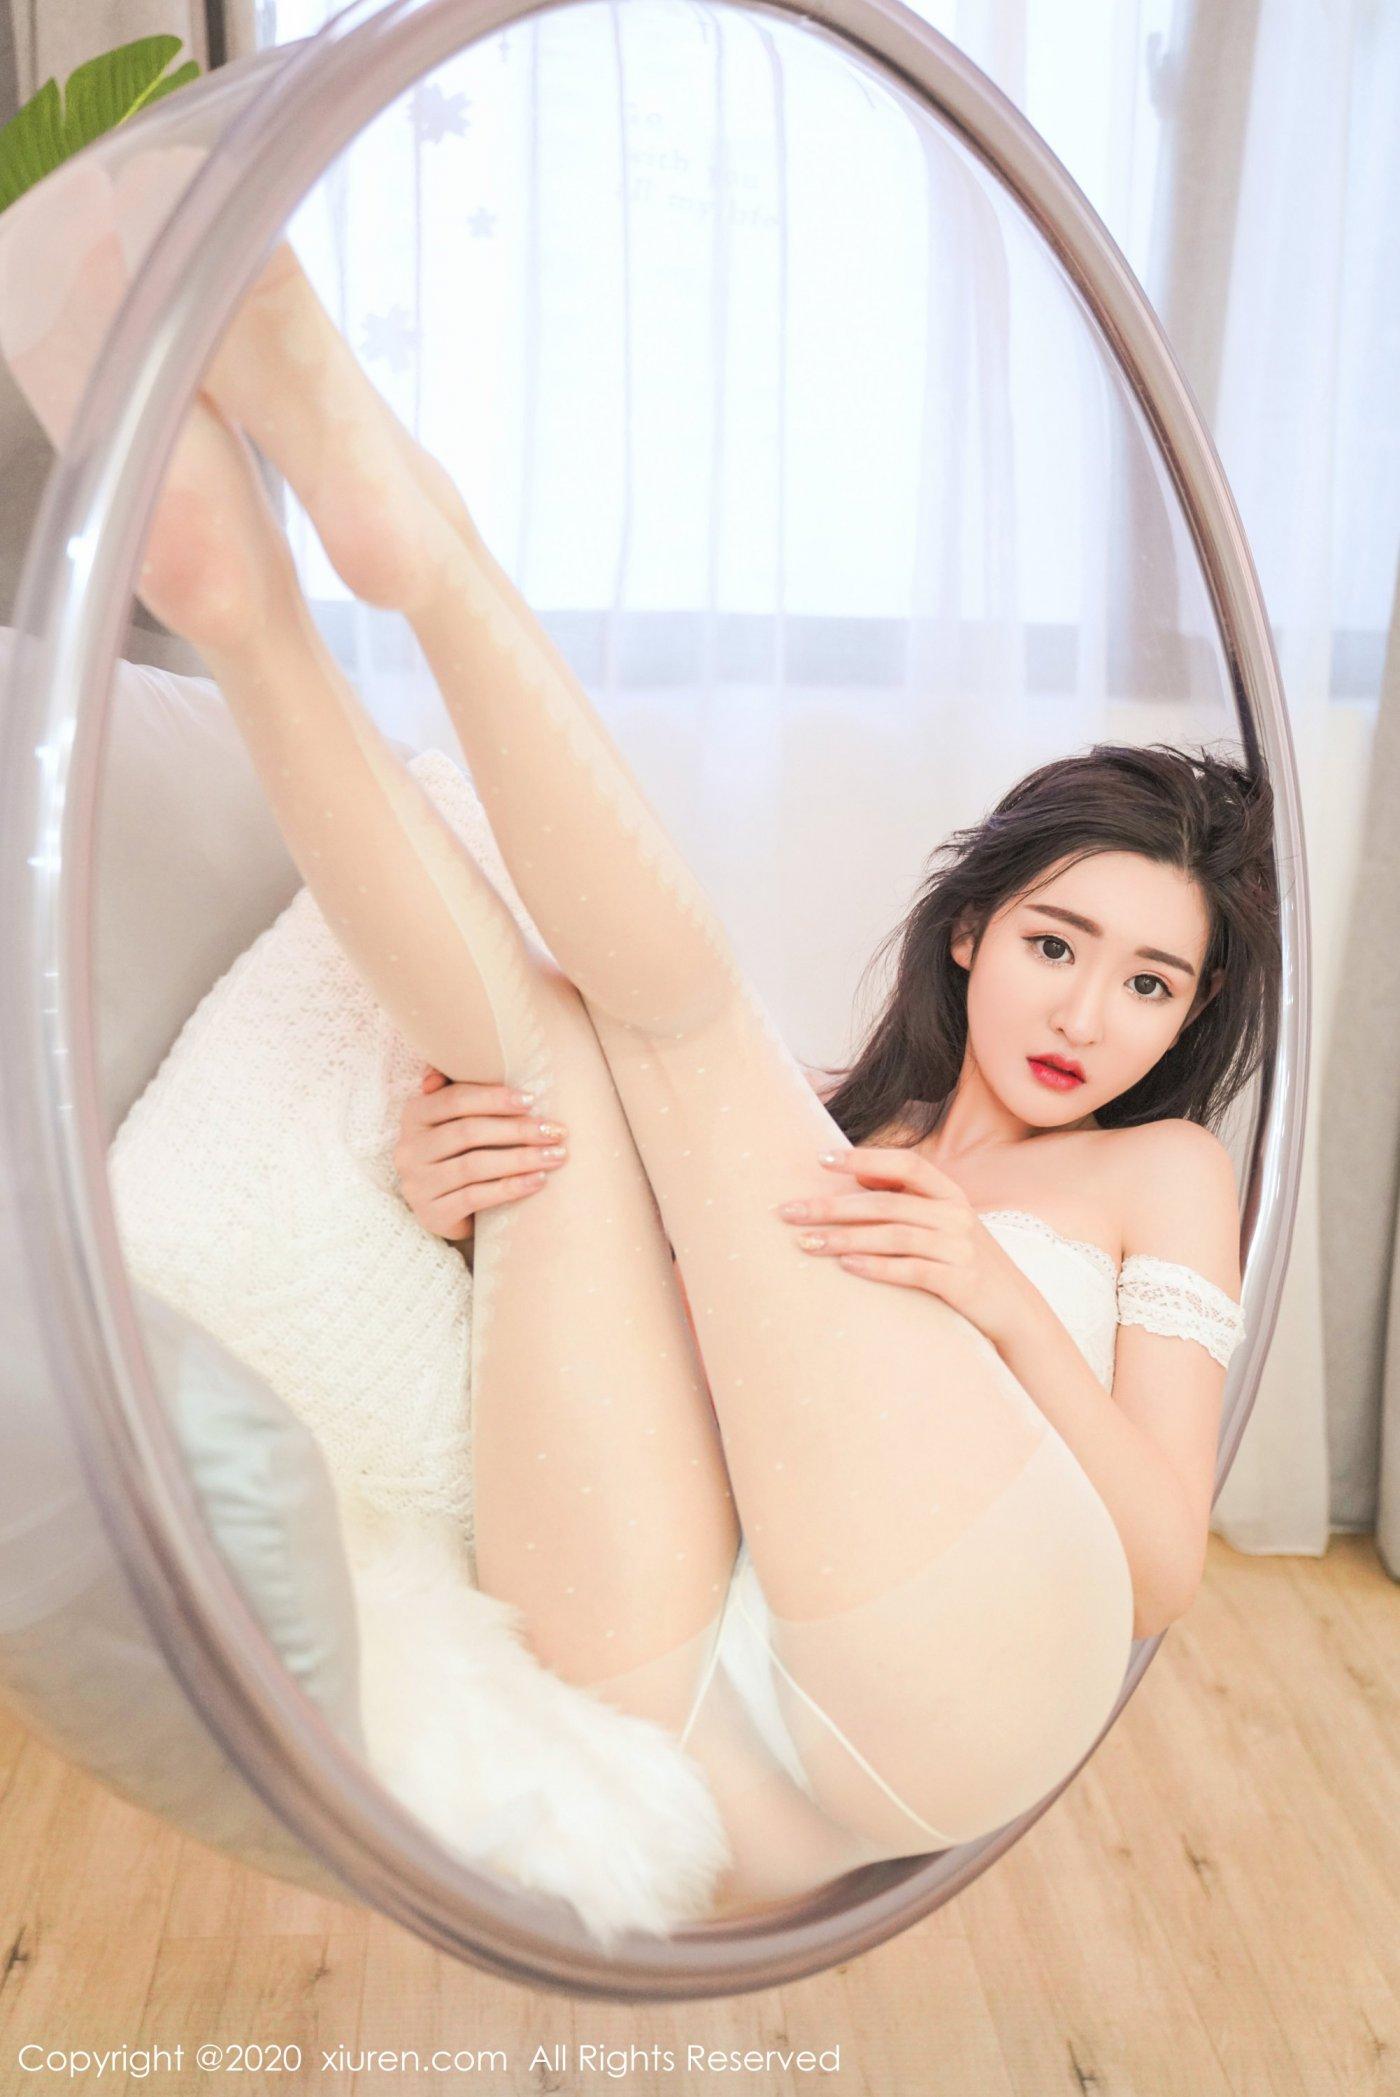 沈梦瑶(Vol. 2233) 性感mm-第4张